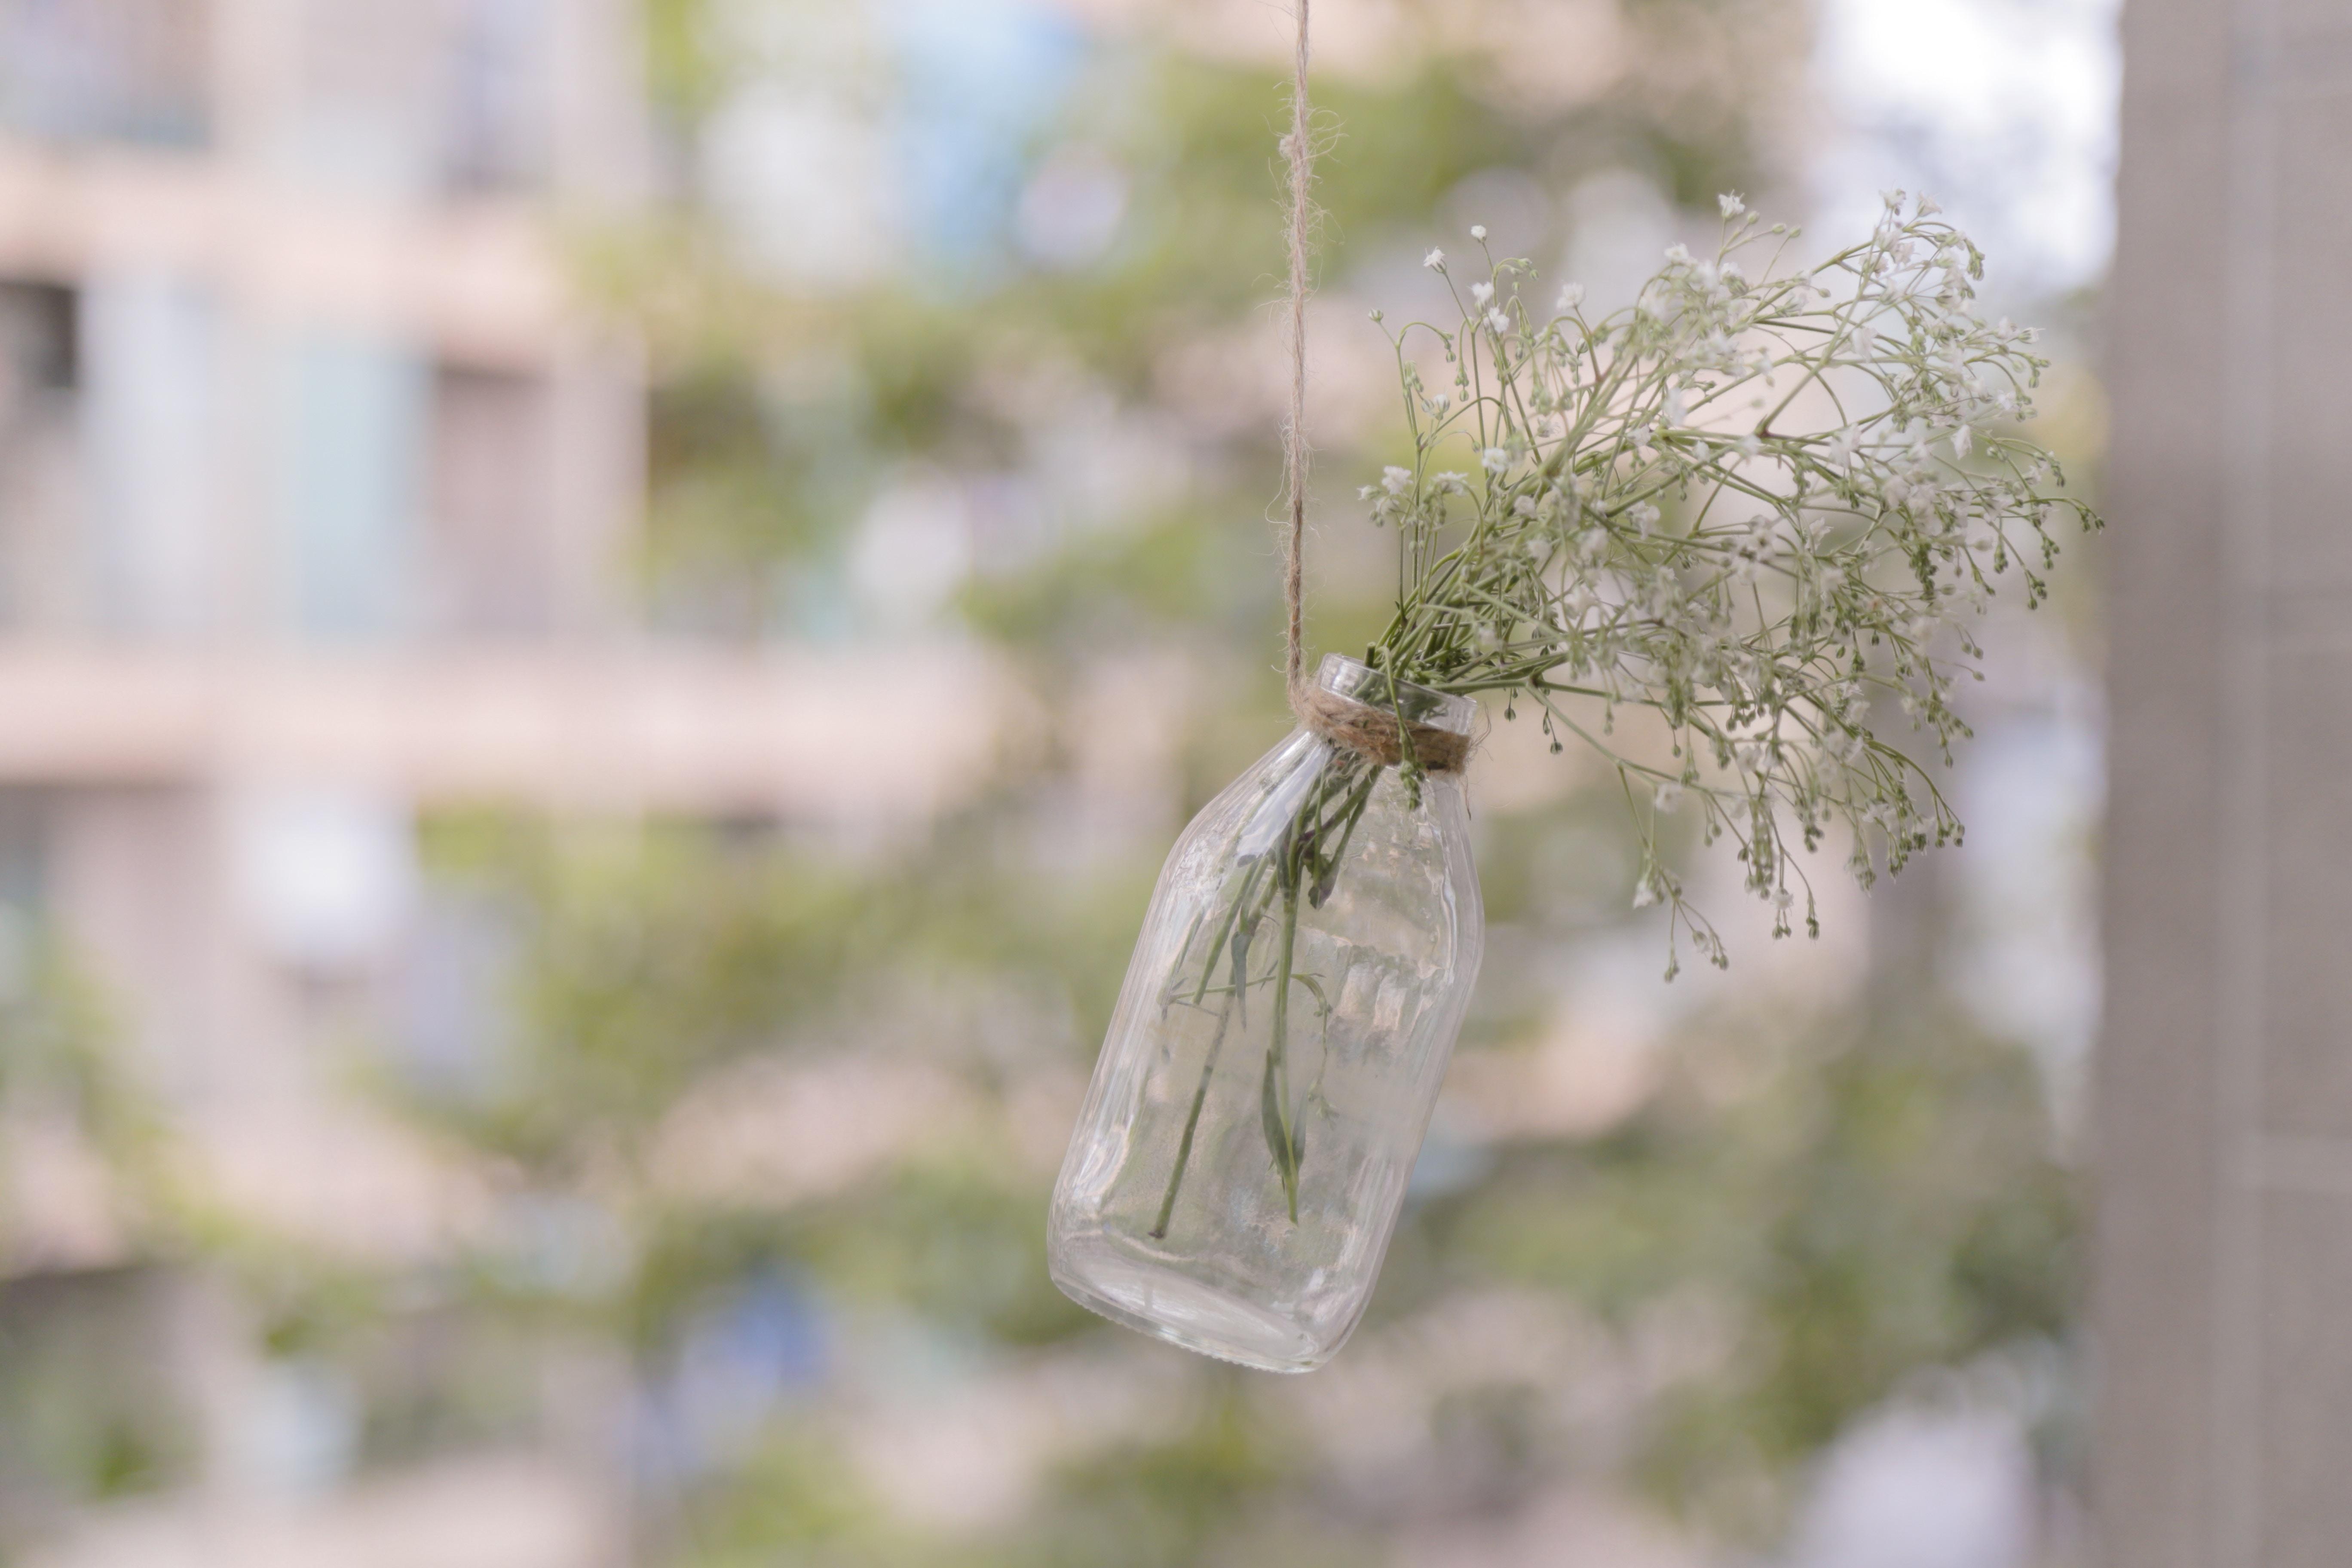 Reciclaje creativo: cómo usar los residuos para crear